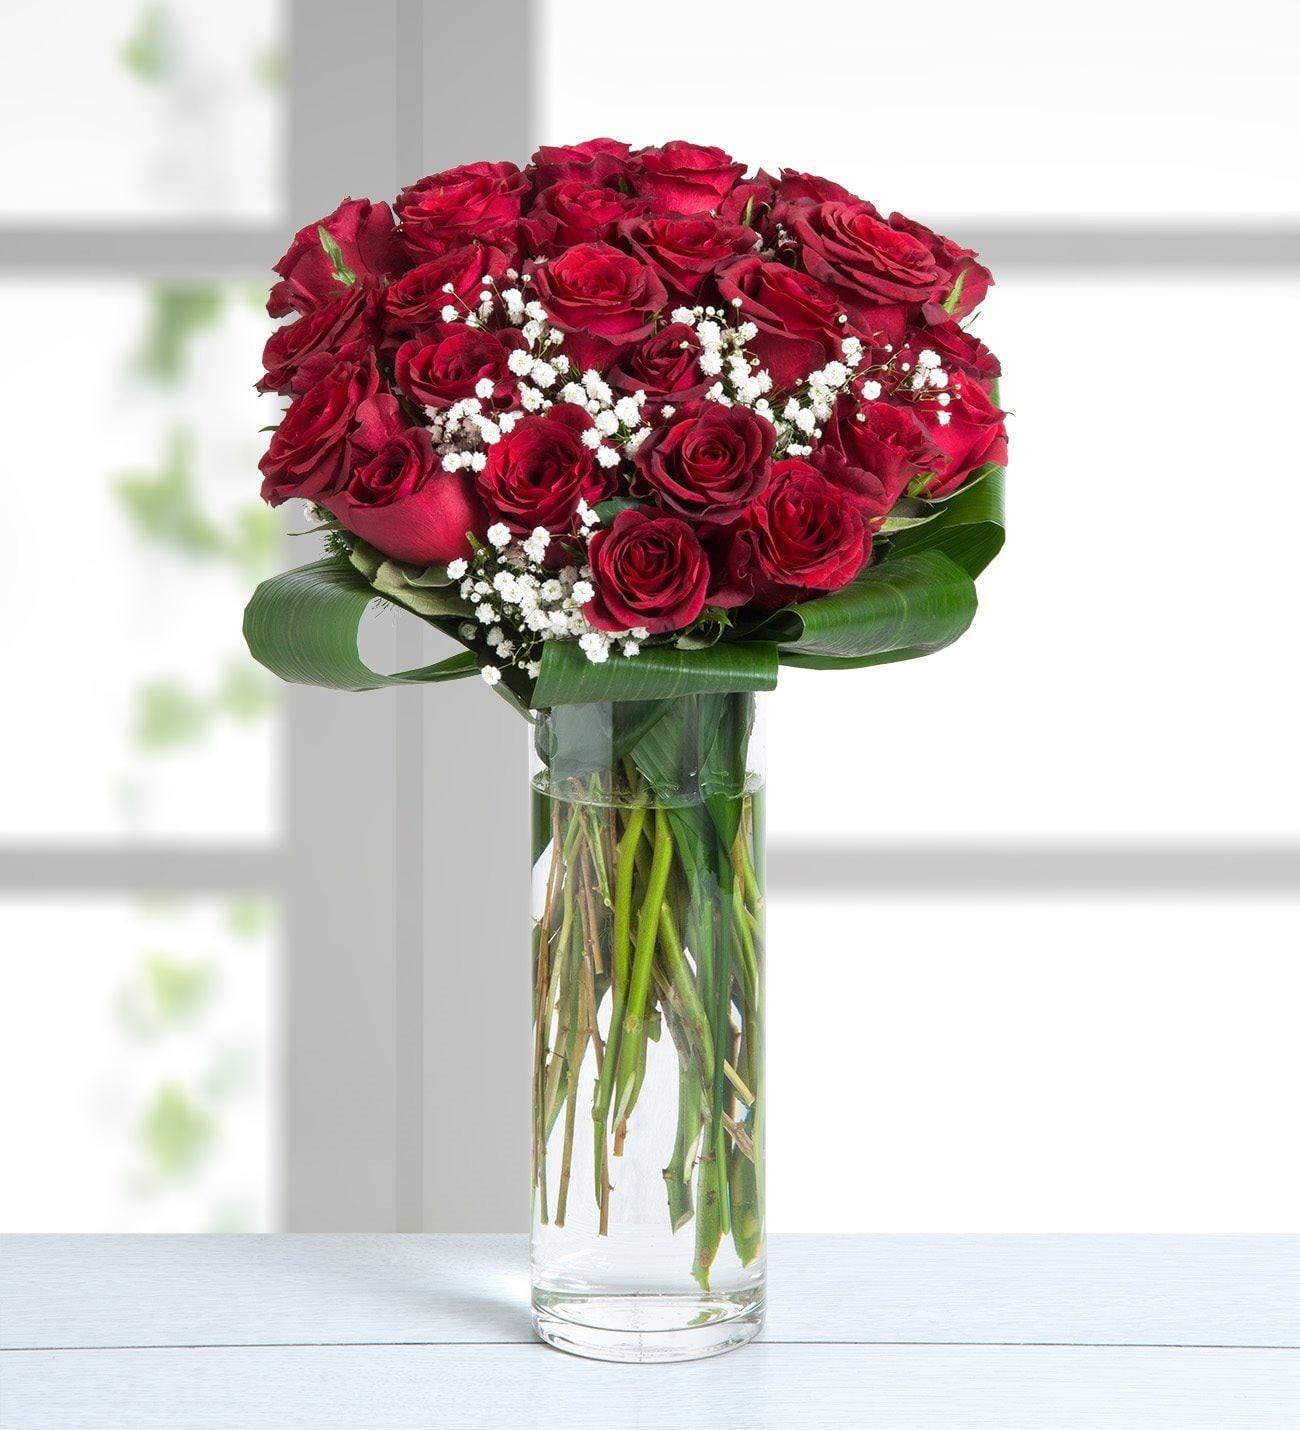 Composición De 30 Rosas Rojas Con Detalles En Fino Florero